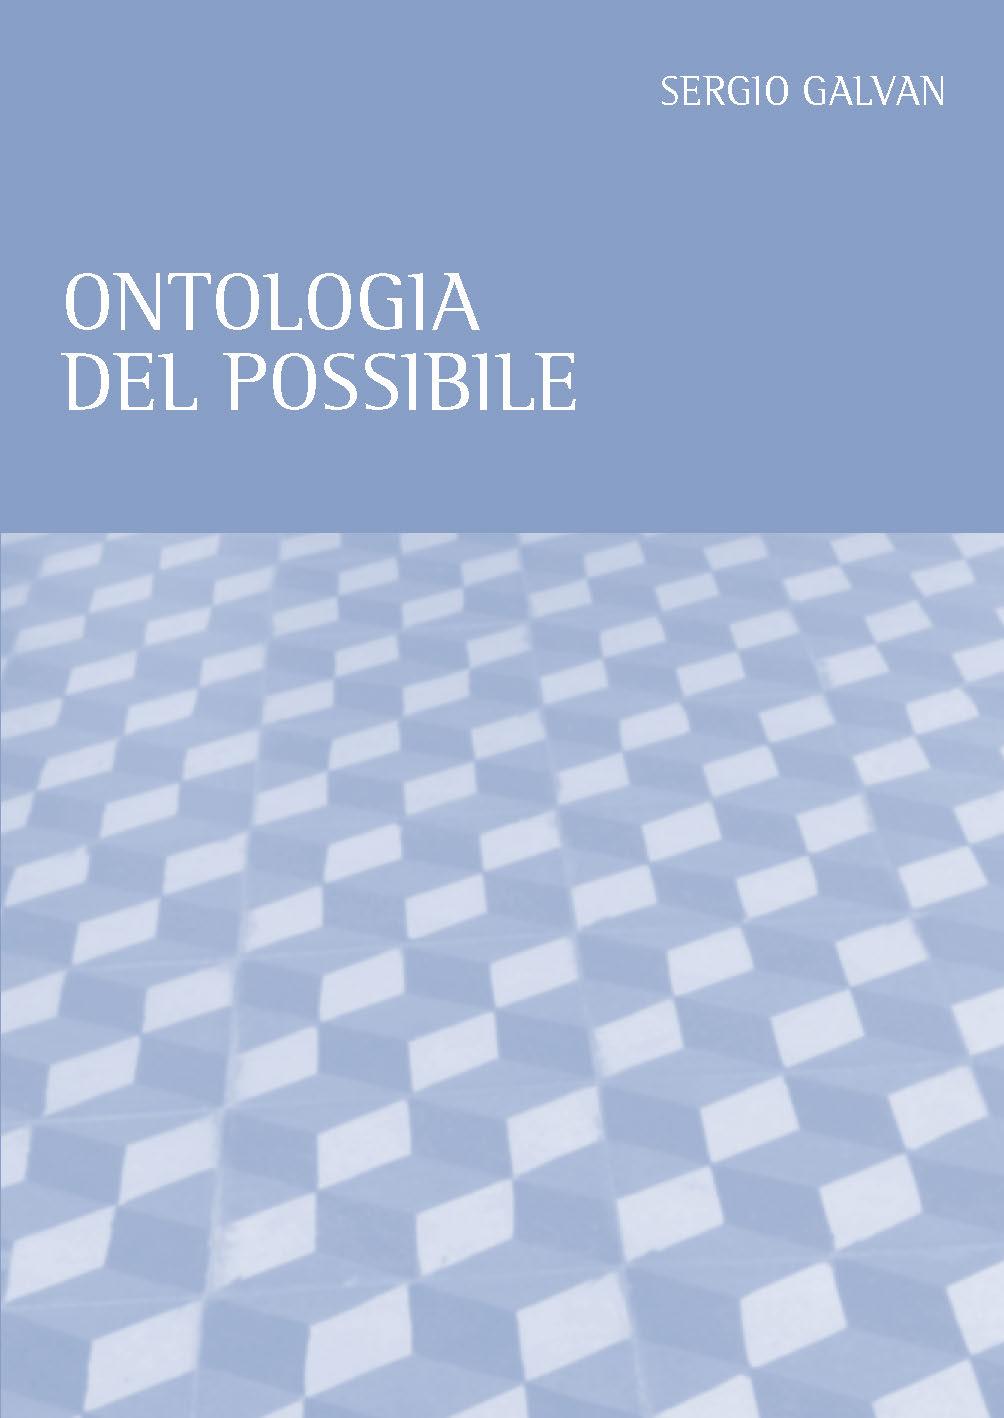 ONTOLOGIA DEL POSSIBILE